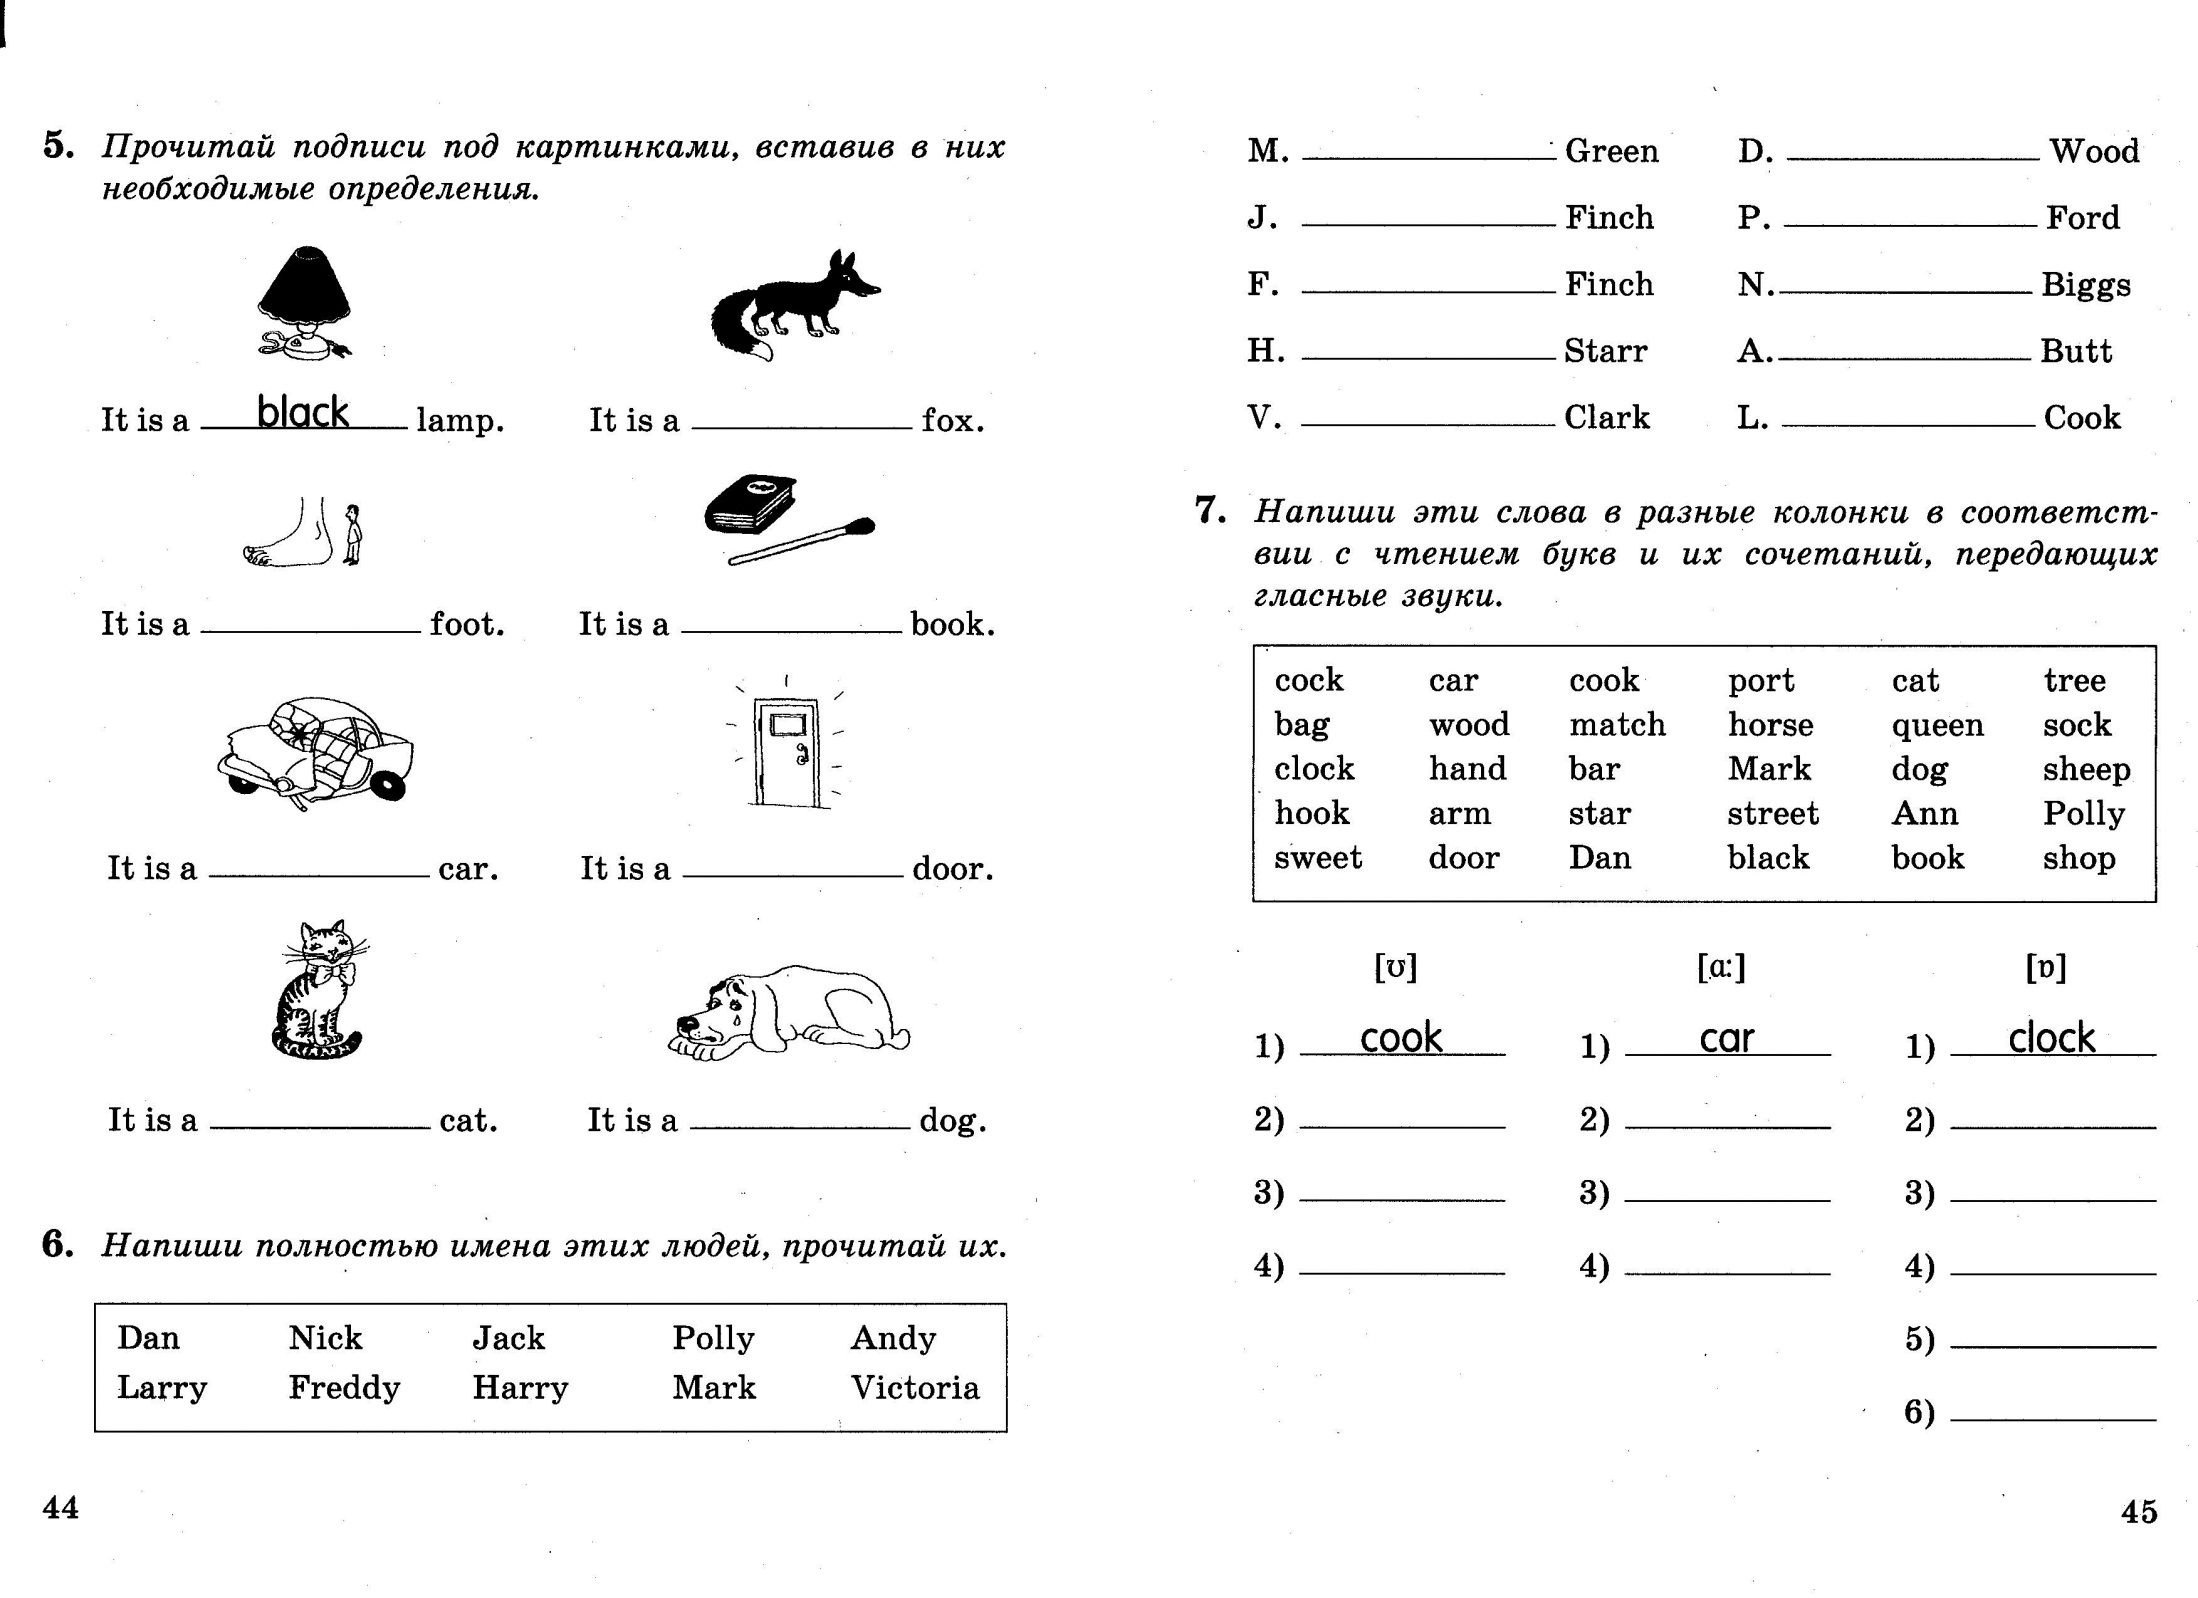 D:\Рабочая тетрадь\Рабочая тетрадь №1\2 РАЗДЕЛ (7-12 урок)\10011.jpg